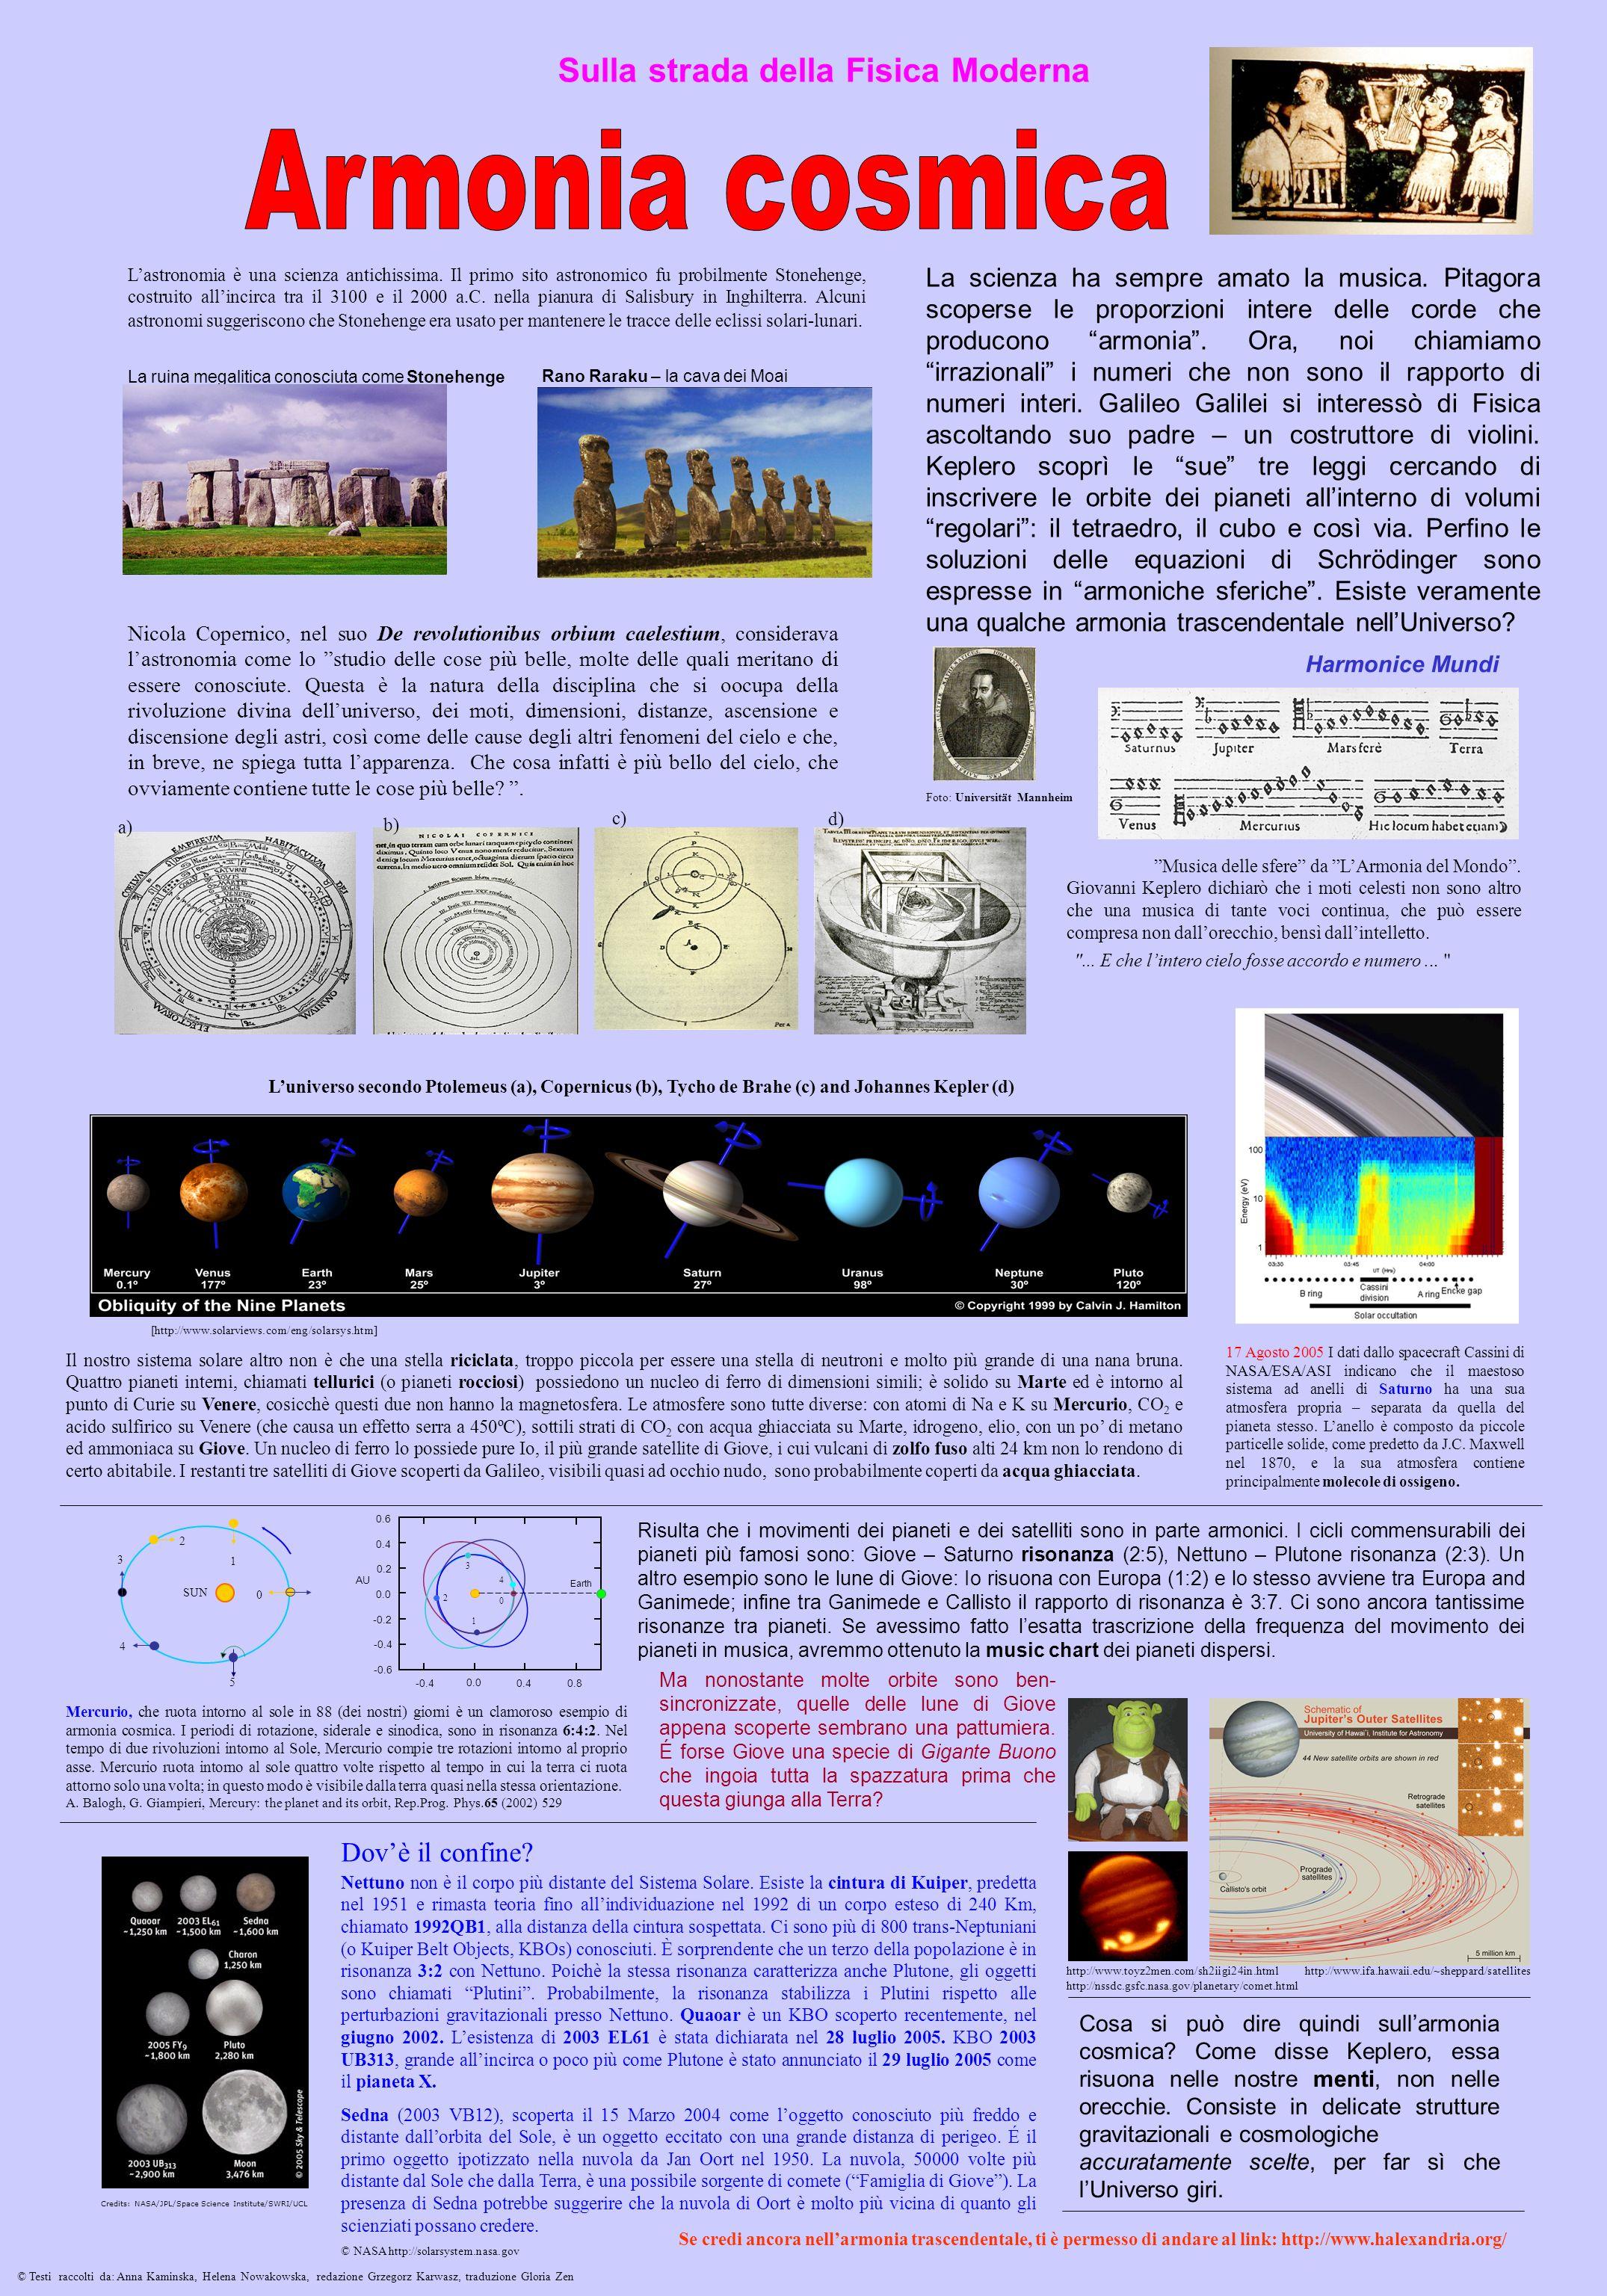 Sulla strada della Fisica Moderna Il nostro sistema solare altro non è che una stella riciclata, troppo piccola per essere una stella di neutroni e mo